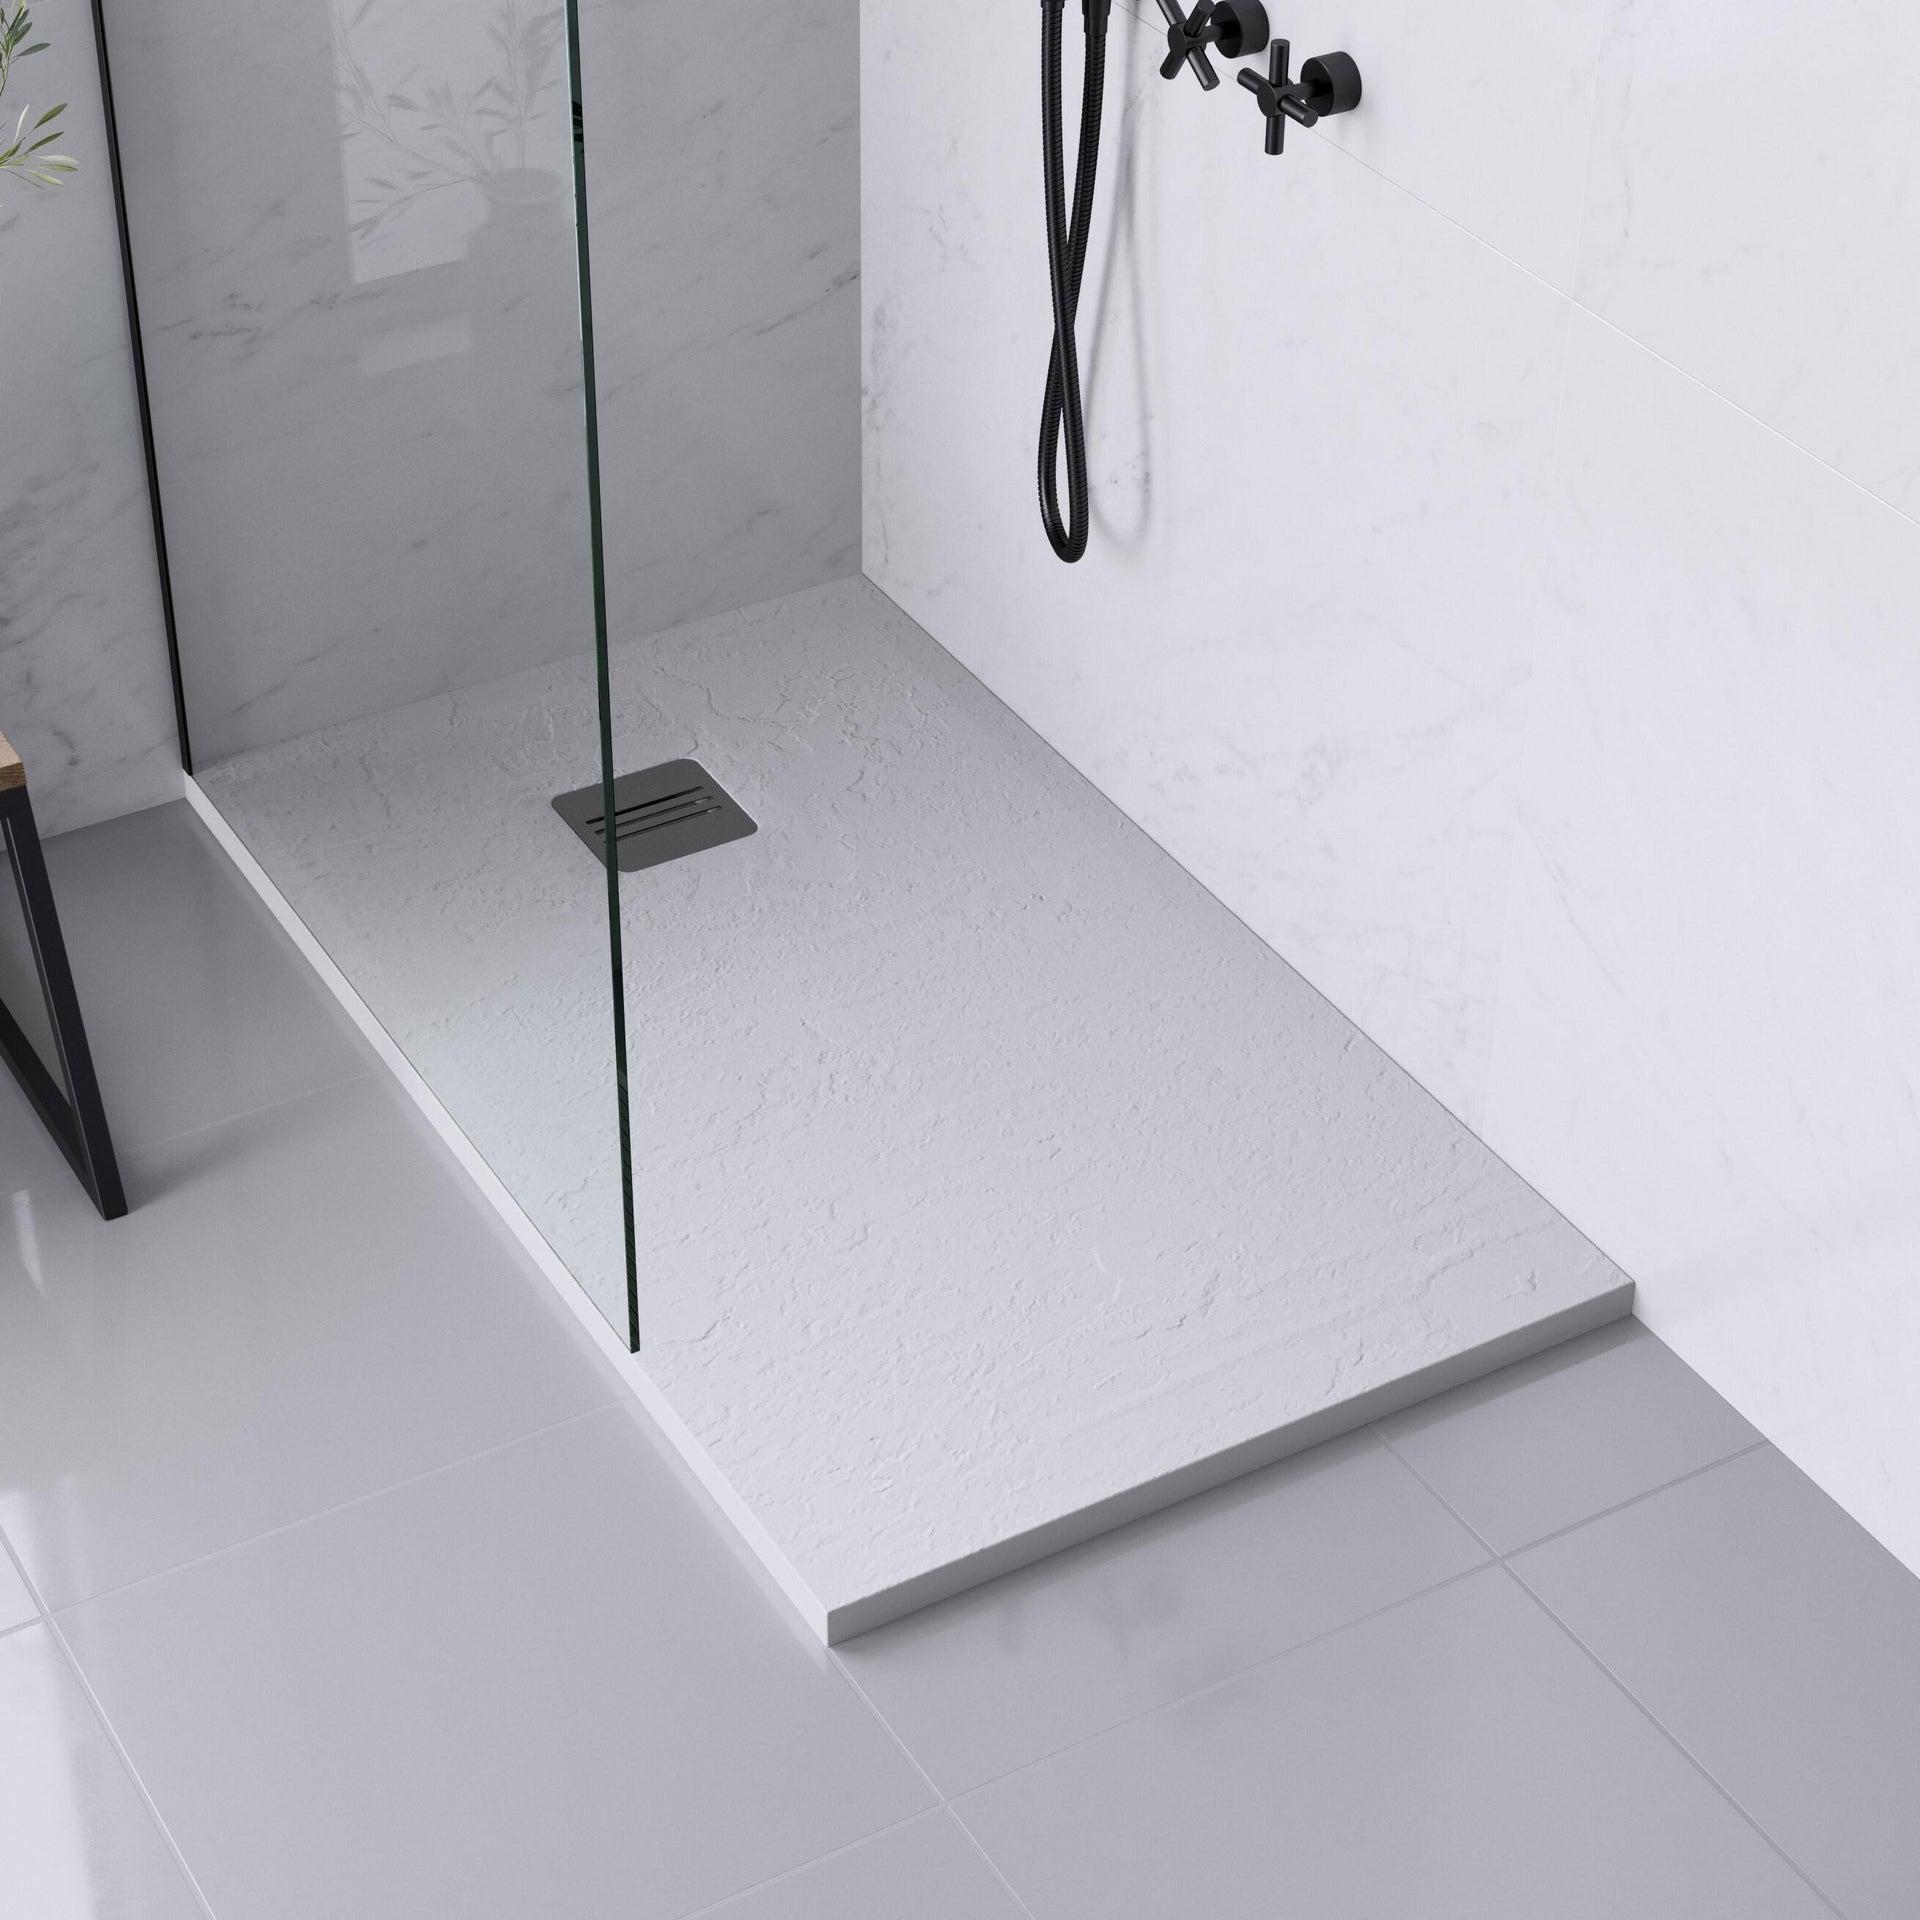 Piatto doccia ultrasottile resina sintetica e polvere di marmo Remix 70 x 120 cm bianco - 1